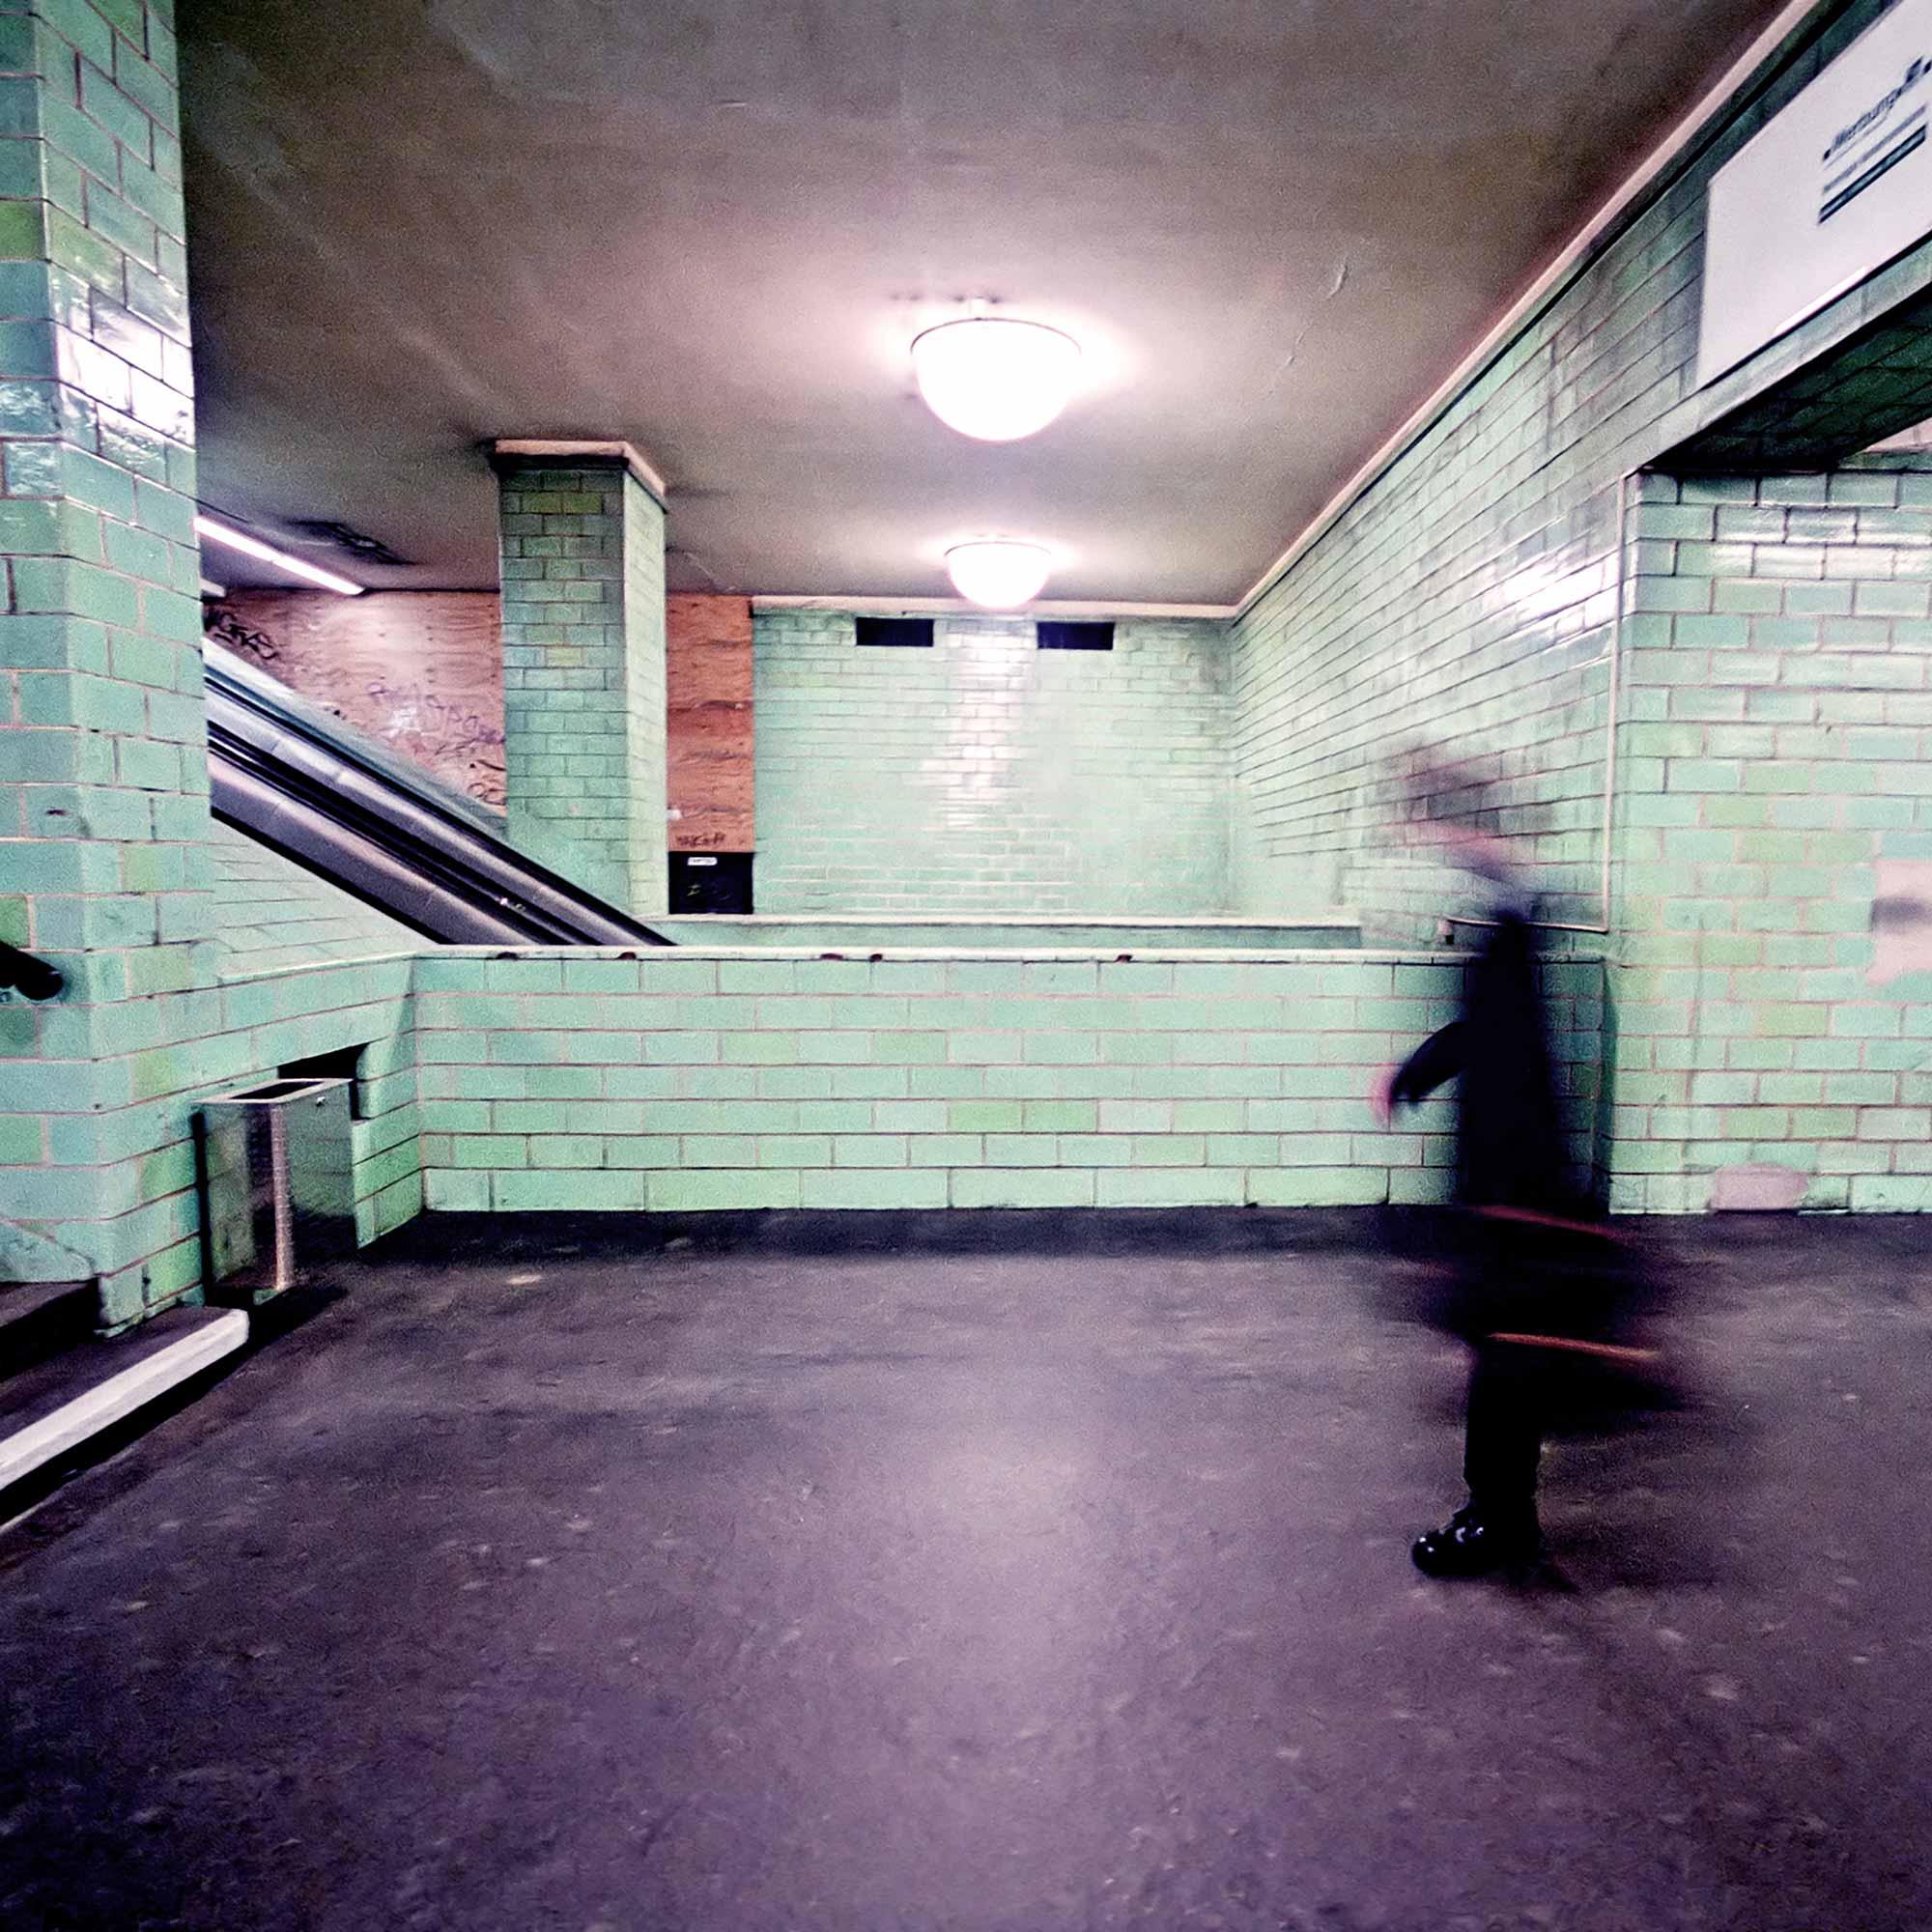 40 Prozent mehr Depressionen, 20 Prozent mehr Angststörungen: Jetzt widmen sich immer mehr Forscher den gestressten Großstädtern. Das Forschungsfeld nennt sich Neurourbanistik. Foto: www.mem-film.de/ photocase.de